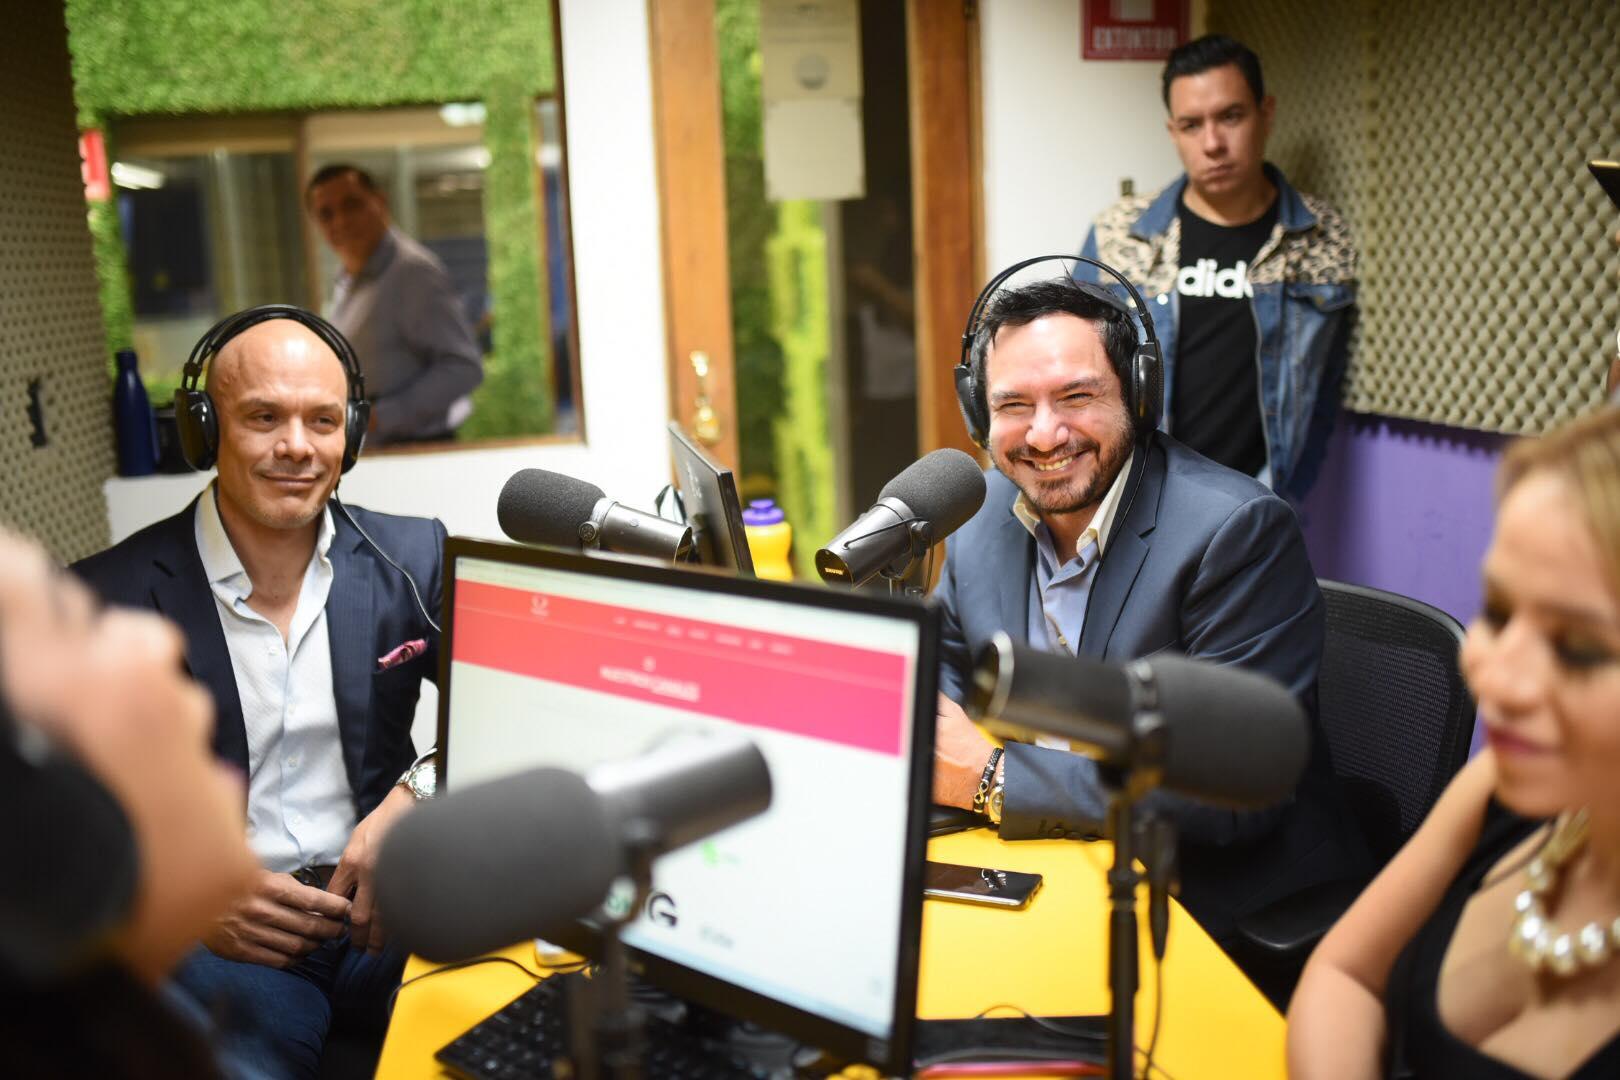 Fernando Muñiz de Televisa y Rodolfo Jiménez de Publinews en La Tronadora.